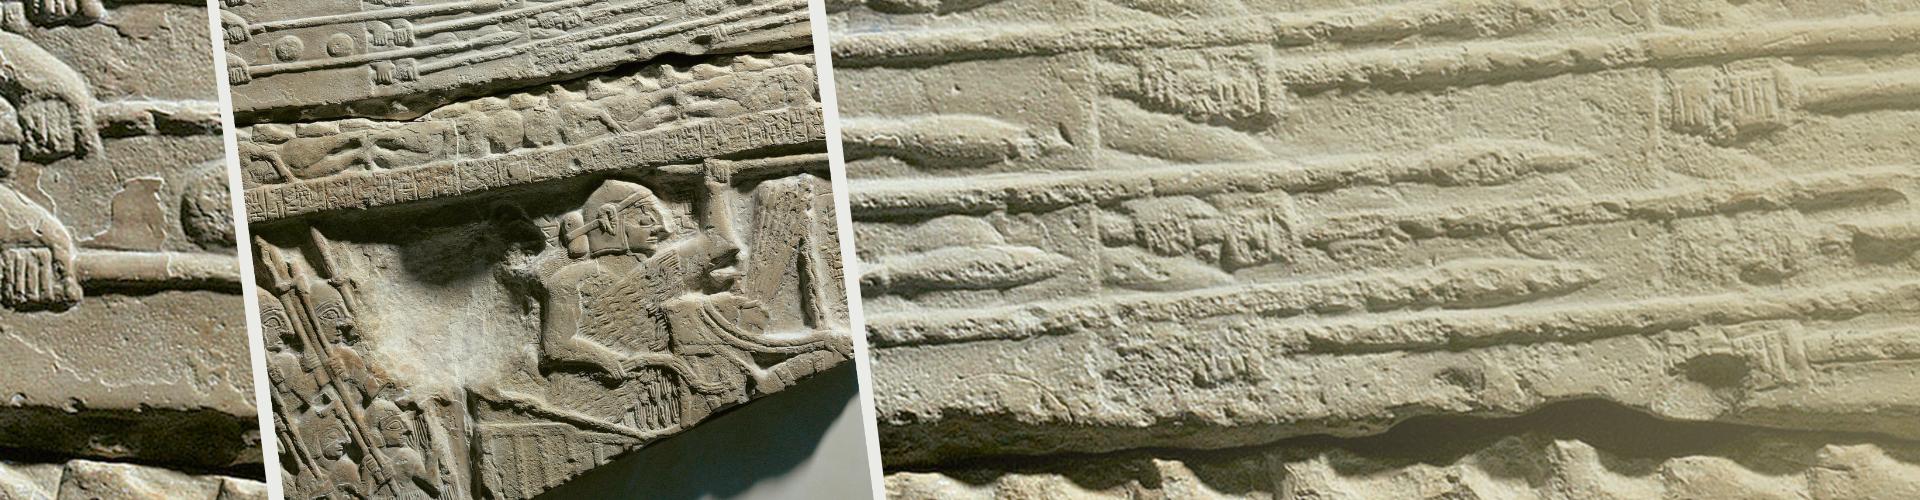 actu-beaulivre-antiquite-9782100769940.jpg